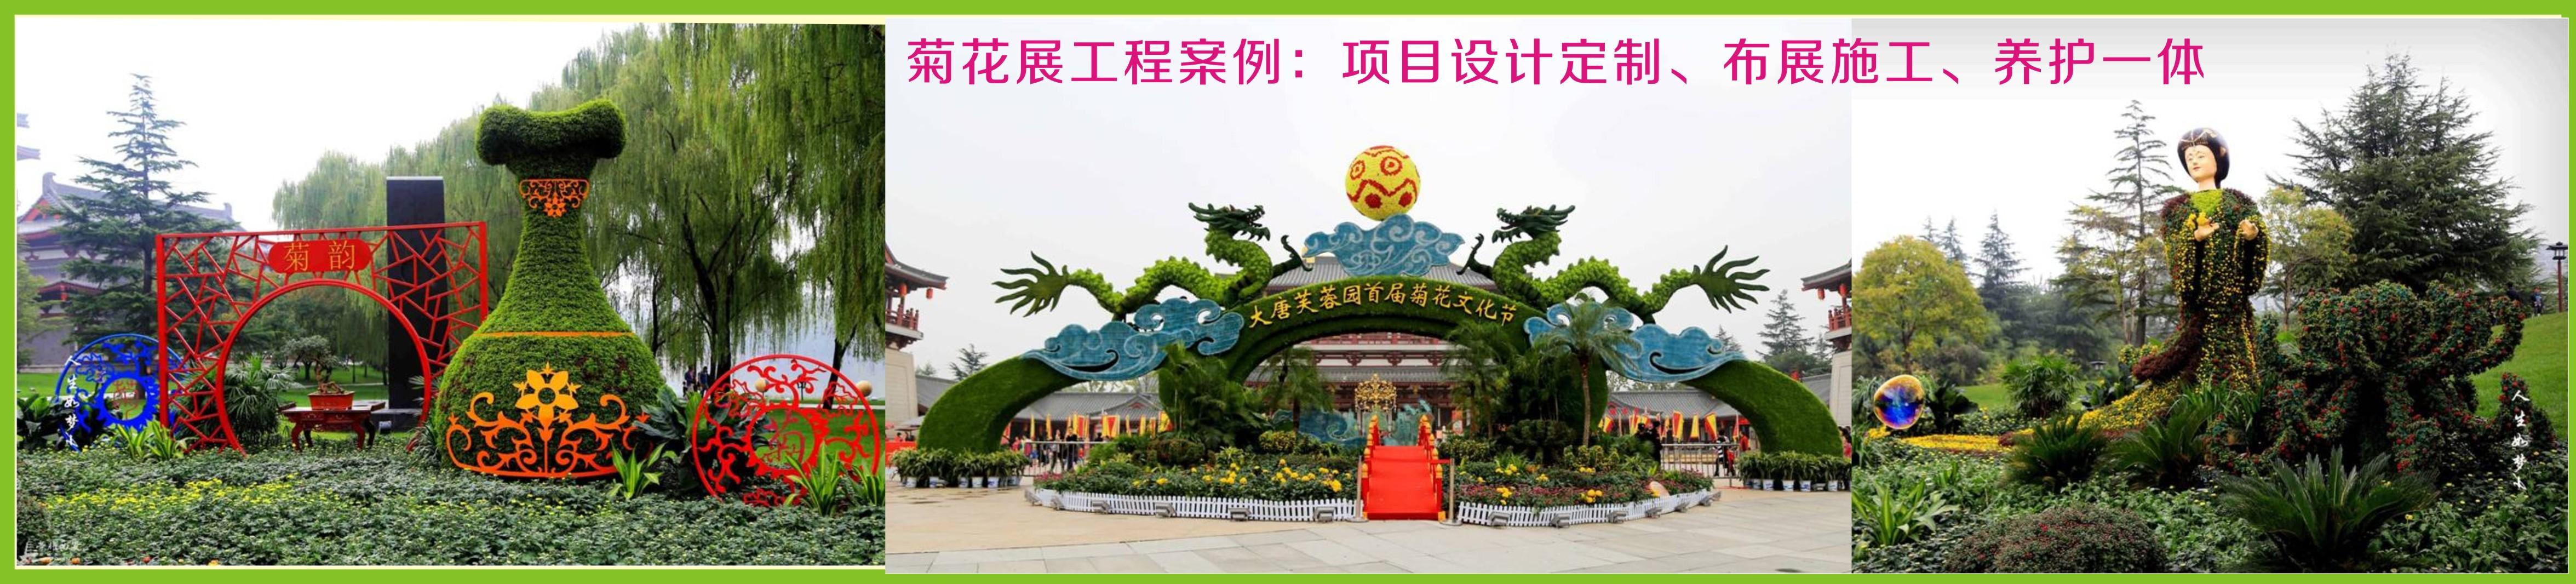 http://www.hnnjyl.cn/data/upload/202107/20210718225351_474.jpg